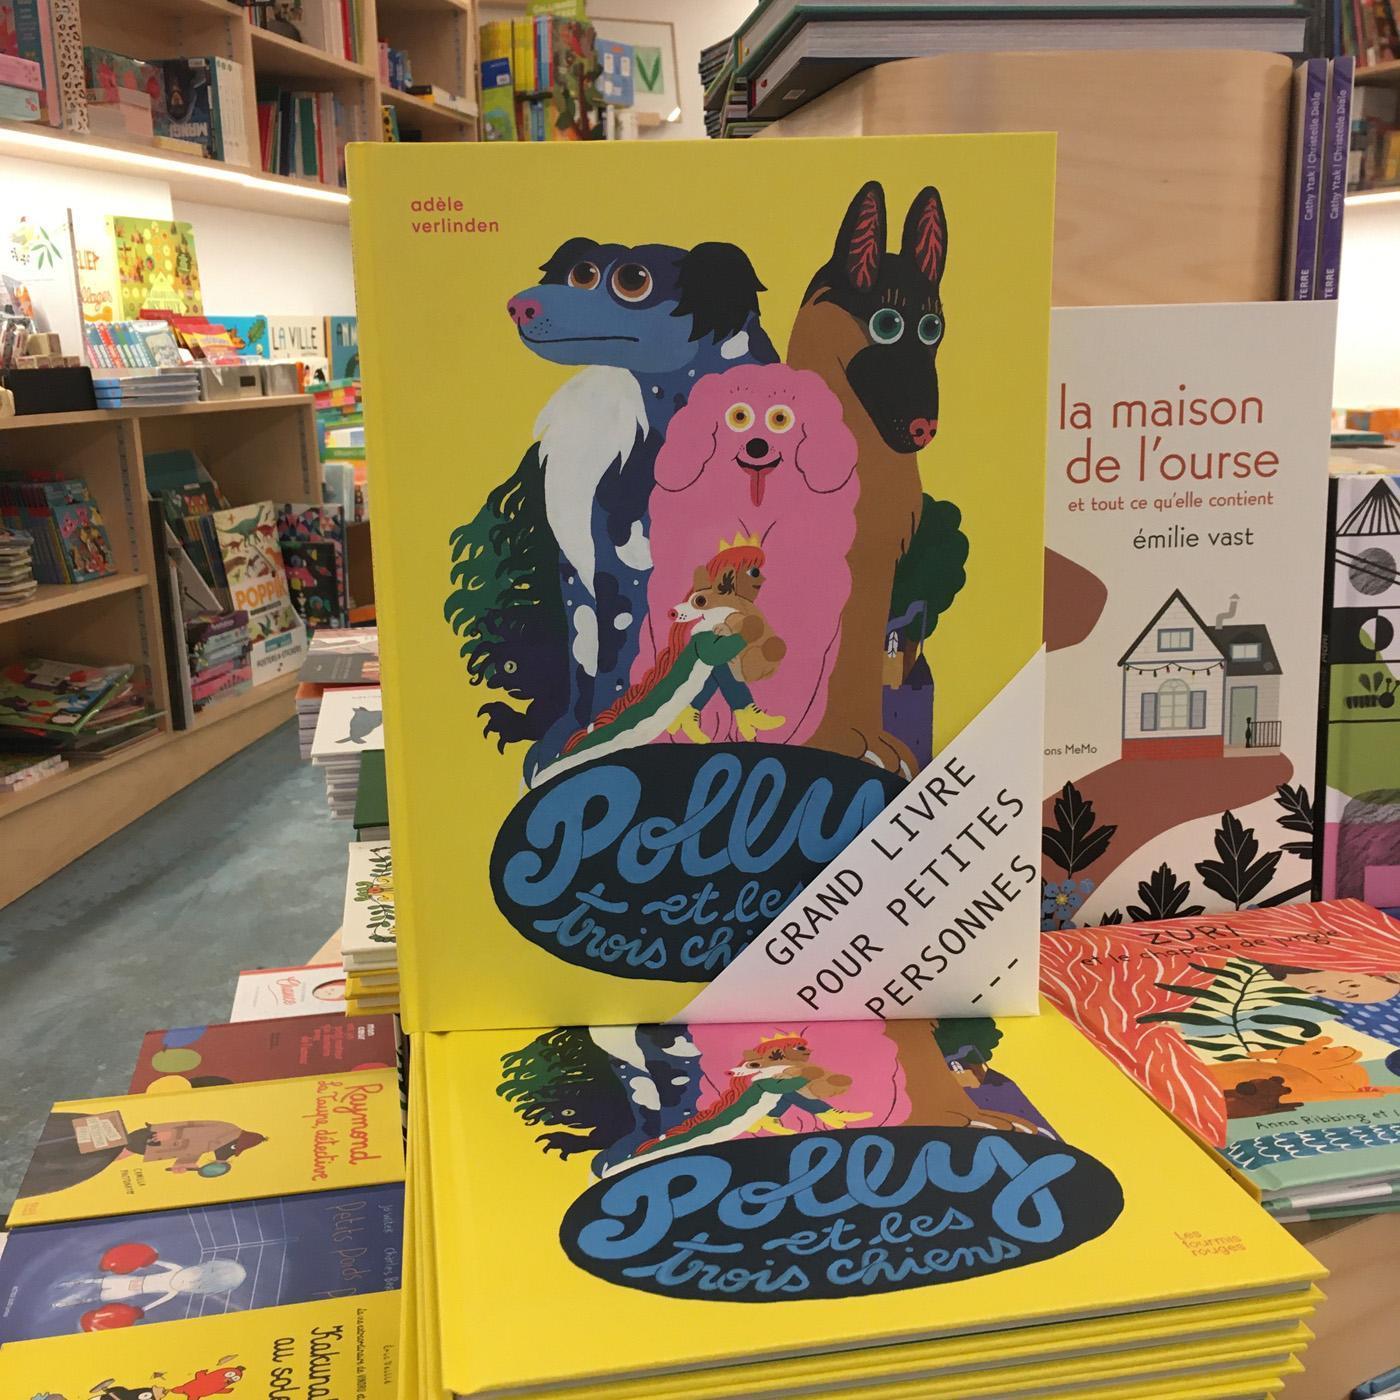 Grands livres pour petites personnes #25 - Polly et les trois chiens